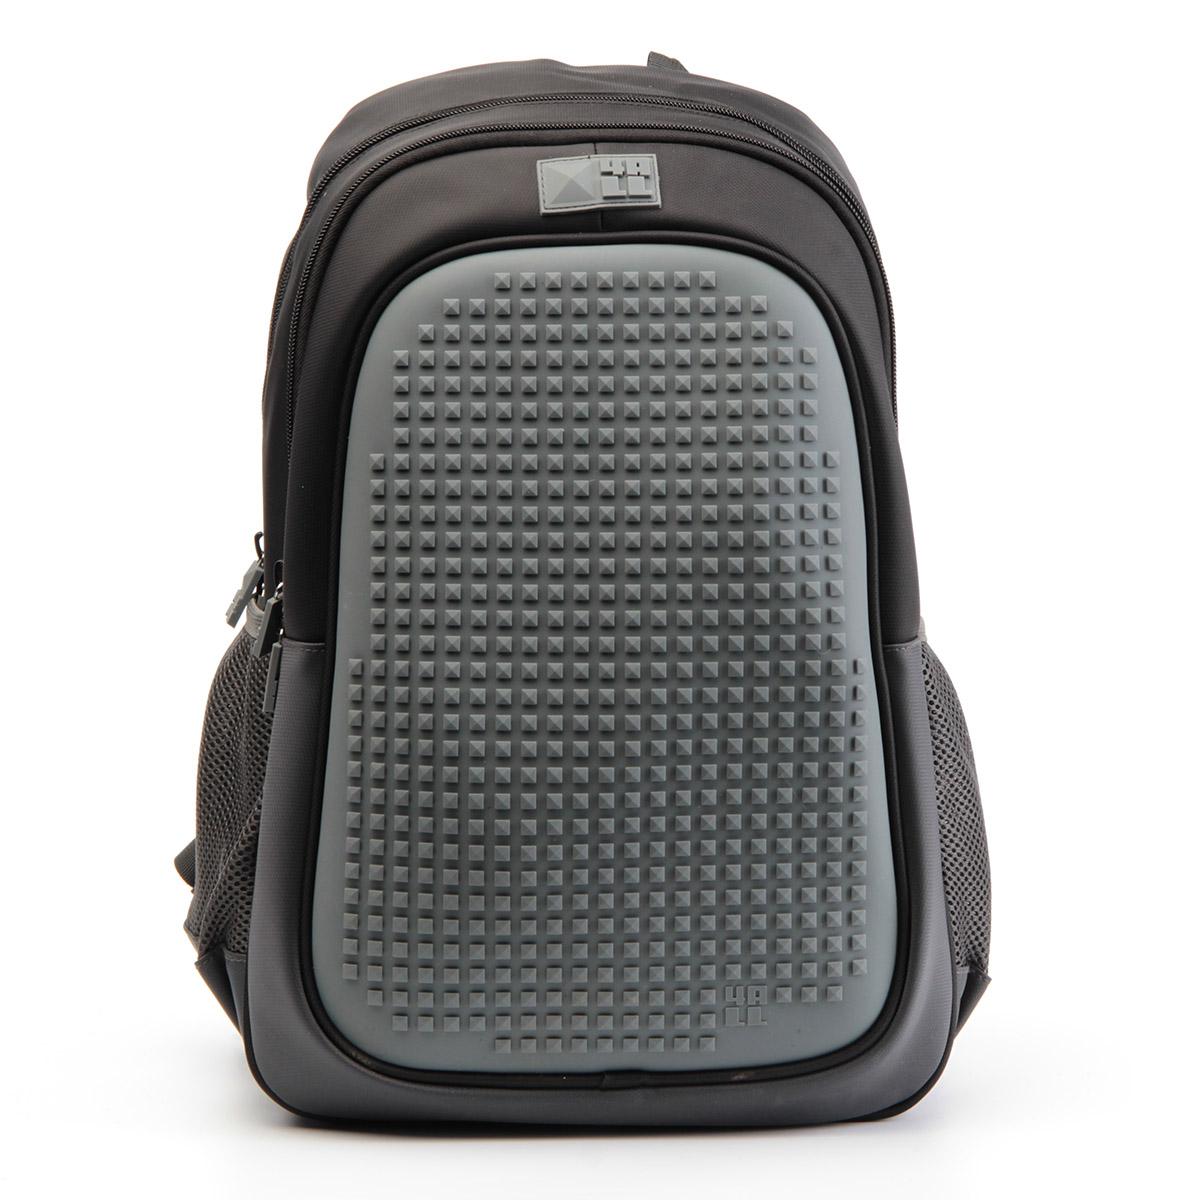 4ALL Рюкзак Case цвет черный72523WDРюкзак 4ALL - это одновременно яркий, функциональный школьный аксессуар и площадка длясамовыражения. Уникальные рюкзаки Case имеют гипоаллергенную силиконовую панель иразноцветные мозаичные биты, с помощью которых на рюкзаке можно создавать графическиешедевры хоть каждый день!Модель выполнена из полиэстера с водоотталкивающейпропиткой. Рюкзак имеет 2 отделения, снаружи расположены 2 боковых сетчатых кармана.Система Air Comfort System обеспечивает свободную циркуляцию воздухамежду задней стенкой рюкзака и спиной ребенка. Система Ergo System служит равномерномураспределению нагрузки на спину ребенка, сохранению правильной осанки. Она способна сделатьрюкзак, наполненный учебниками, легким.Ортопедическая спинка как корсет поддерживаетпозвоночник, правильно распределяя нагрузку. Простая и удобная конструкция спины и лямокпозволяет использовать рюкзак даже деткам от 3-х лет.Светоотражающие вставки отвечаютза безопасность ребенка в темное время суток.В комплекте 1 упаковка пикселей-битов 4-х цветов (200 штук) и инструкция для создания базовой картинки.